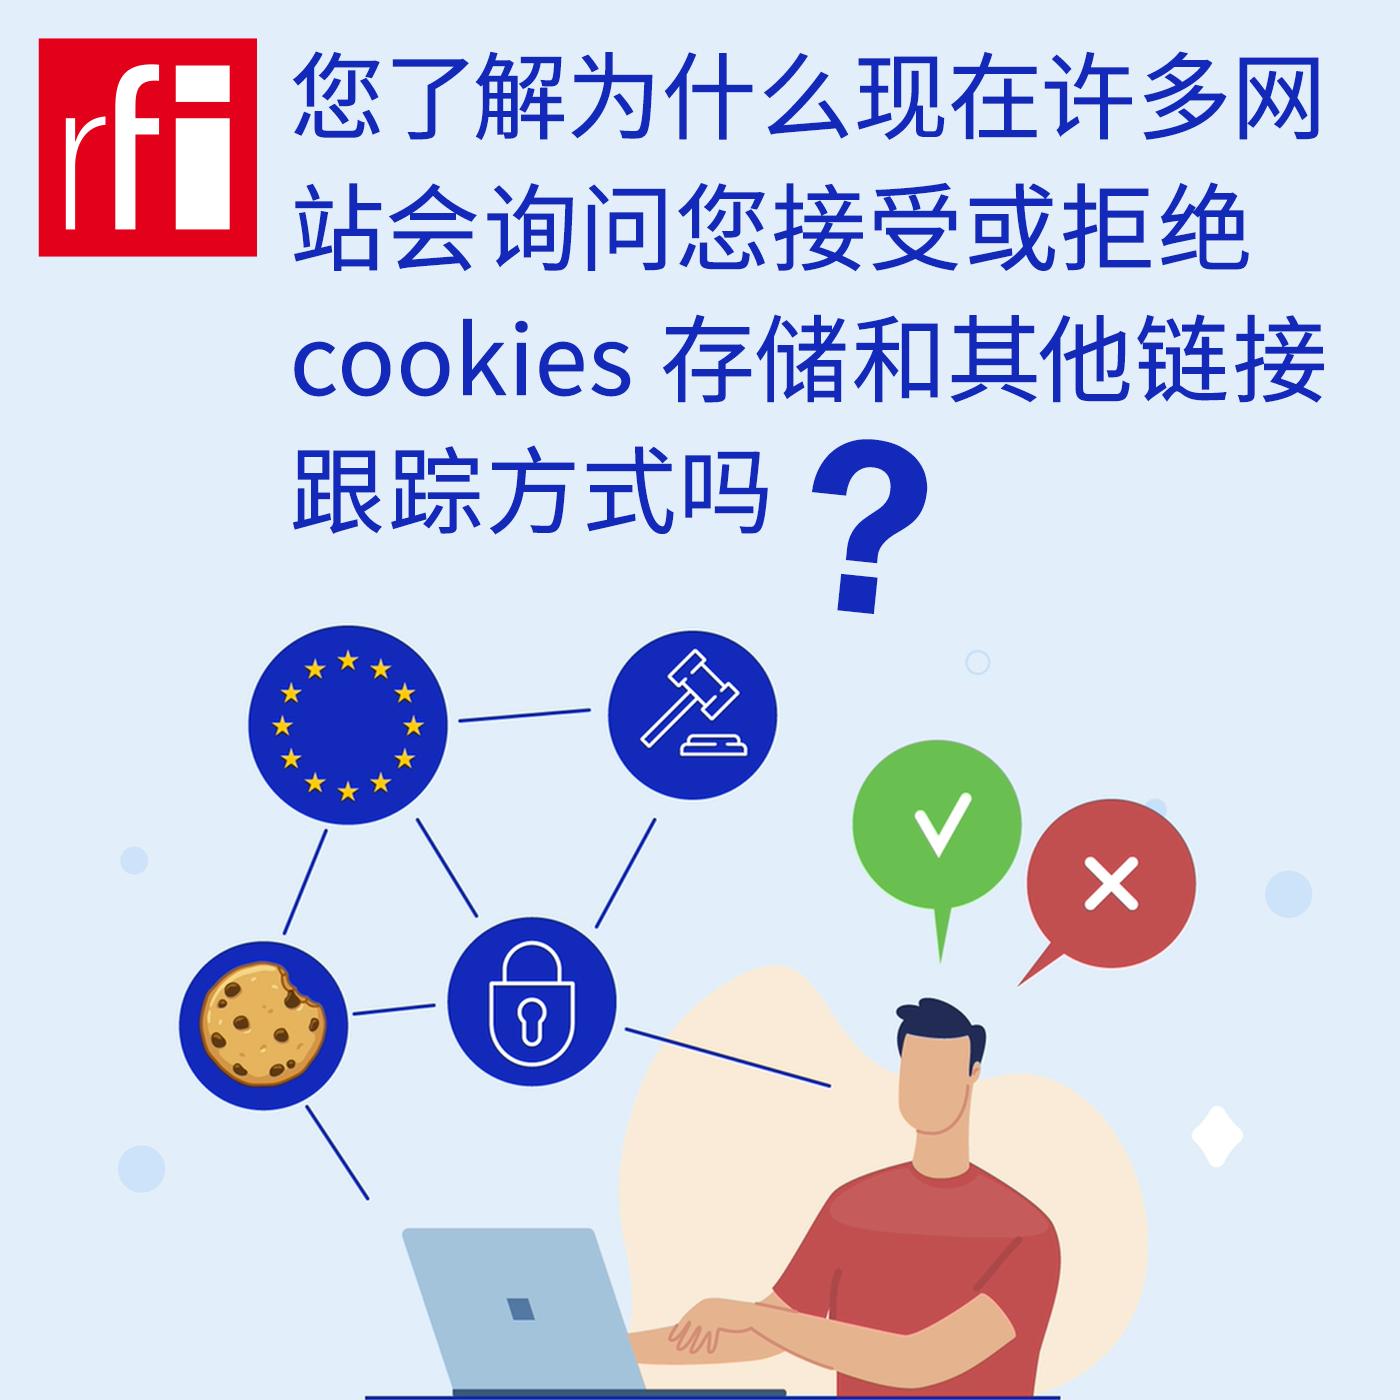 RFI_CN_RGPD-insta-1400x1400